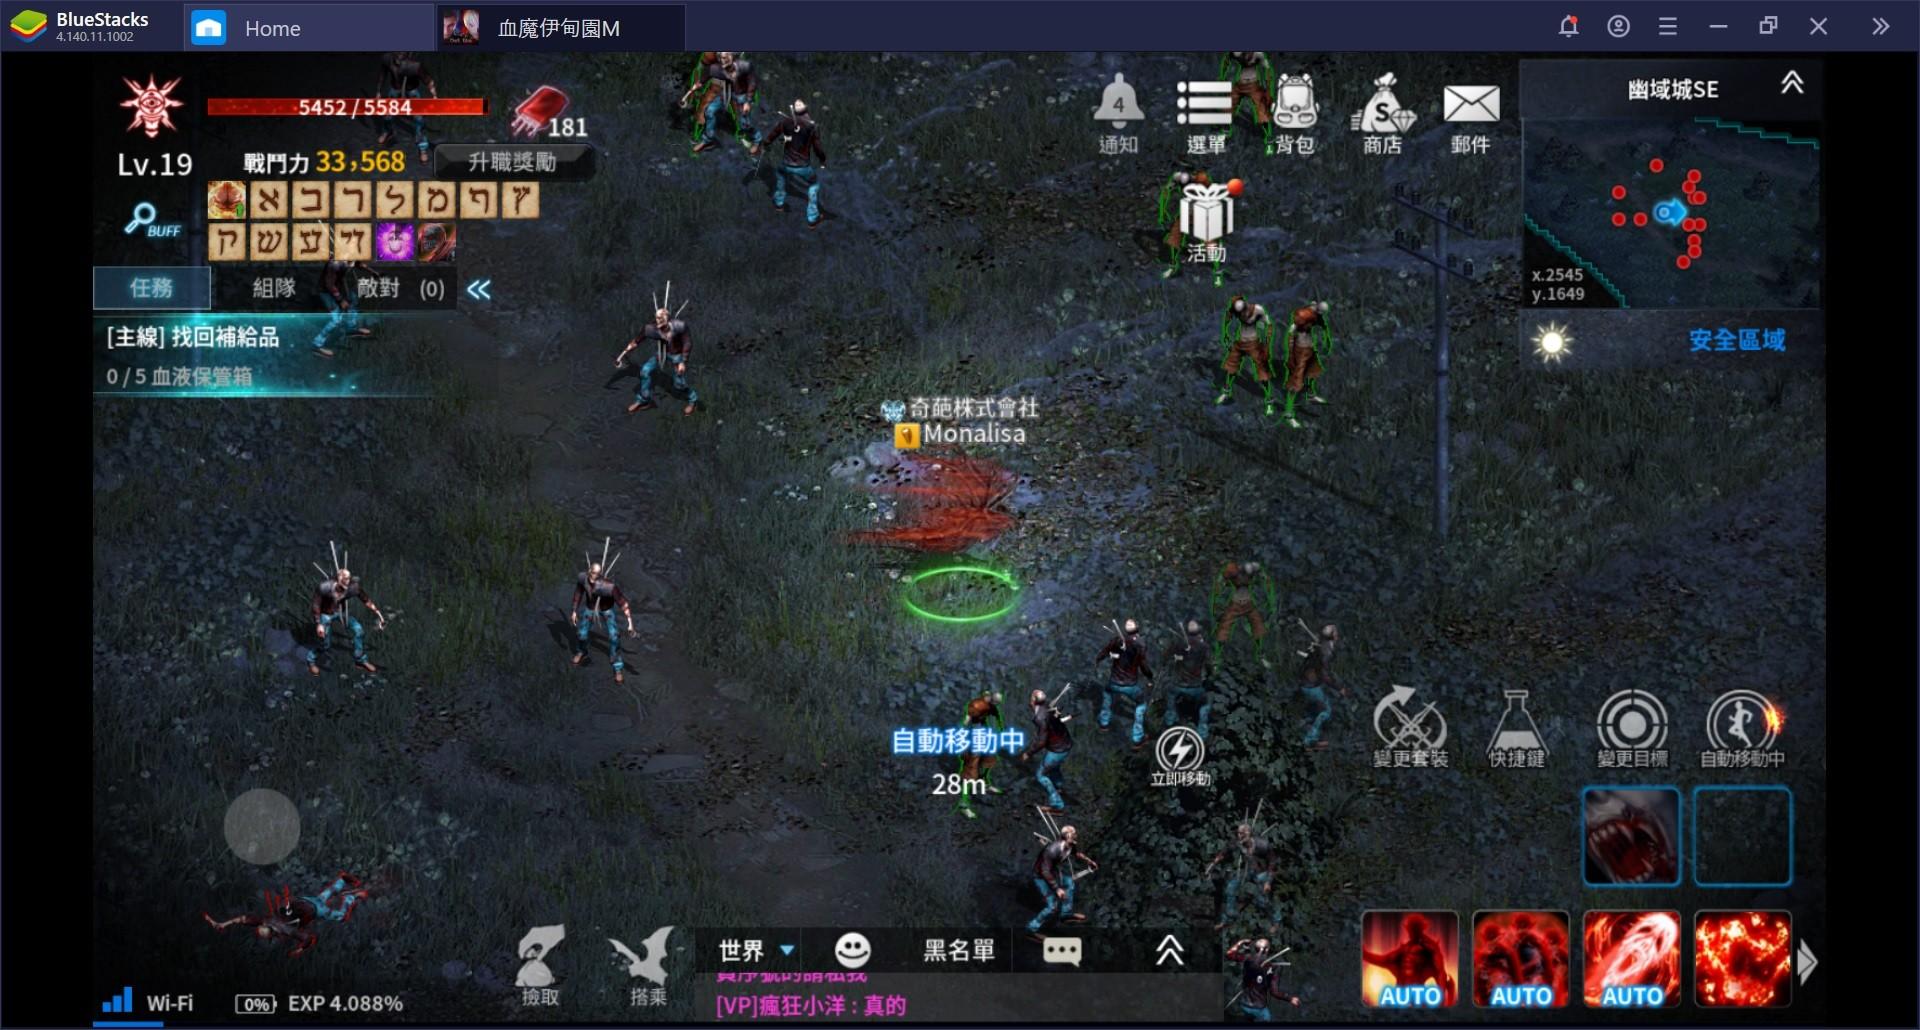 使用BlueStacks在電腦上體驗吸血鬼題材之MMORPG鉅作《血魔伊甸園M》